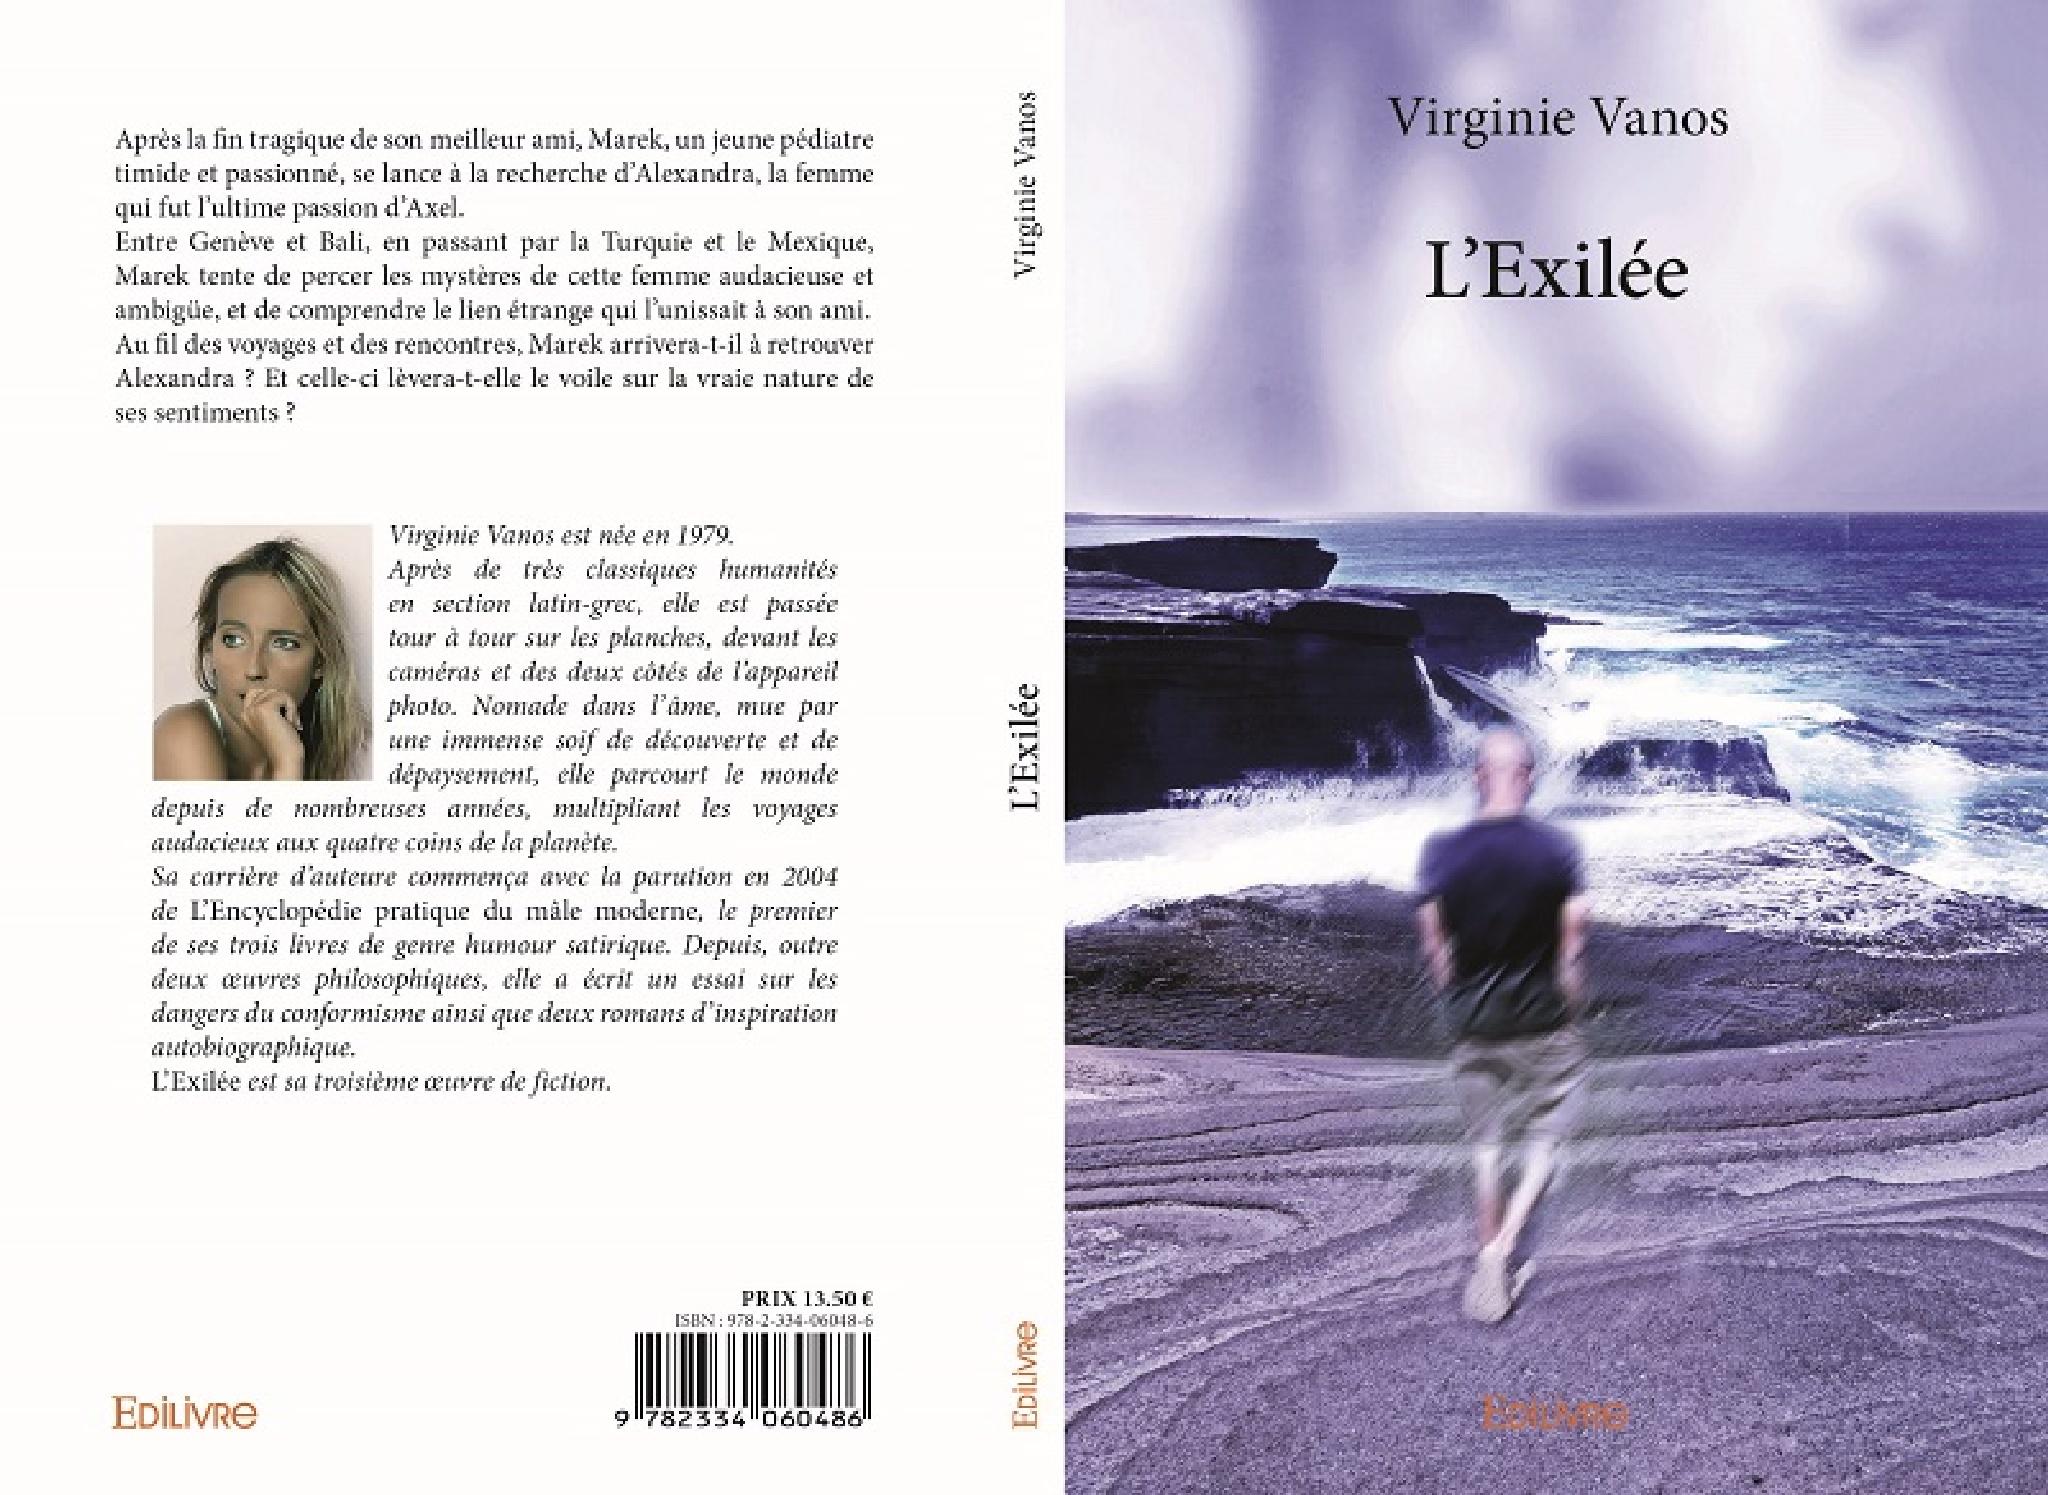 """Couverture de mon 9ème livre, """"L'Exilée""""... by VirginieVanos"""